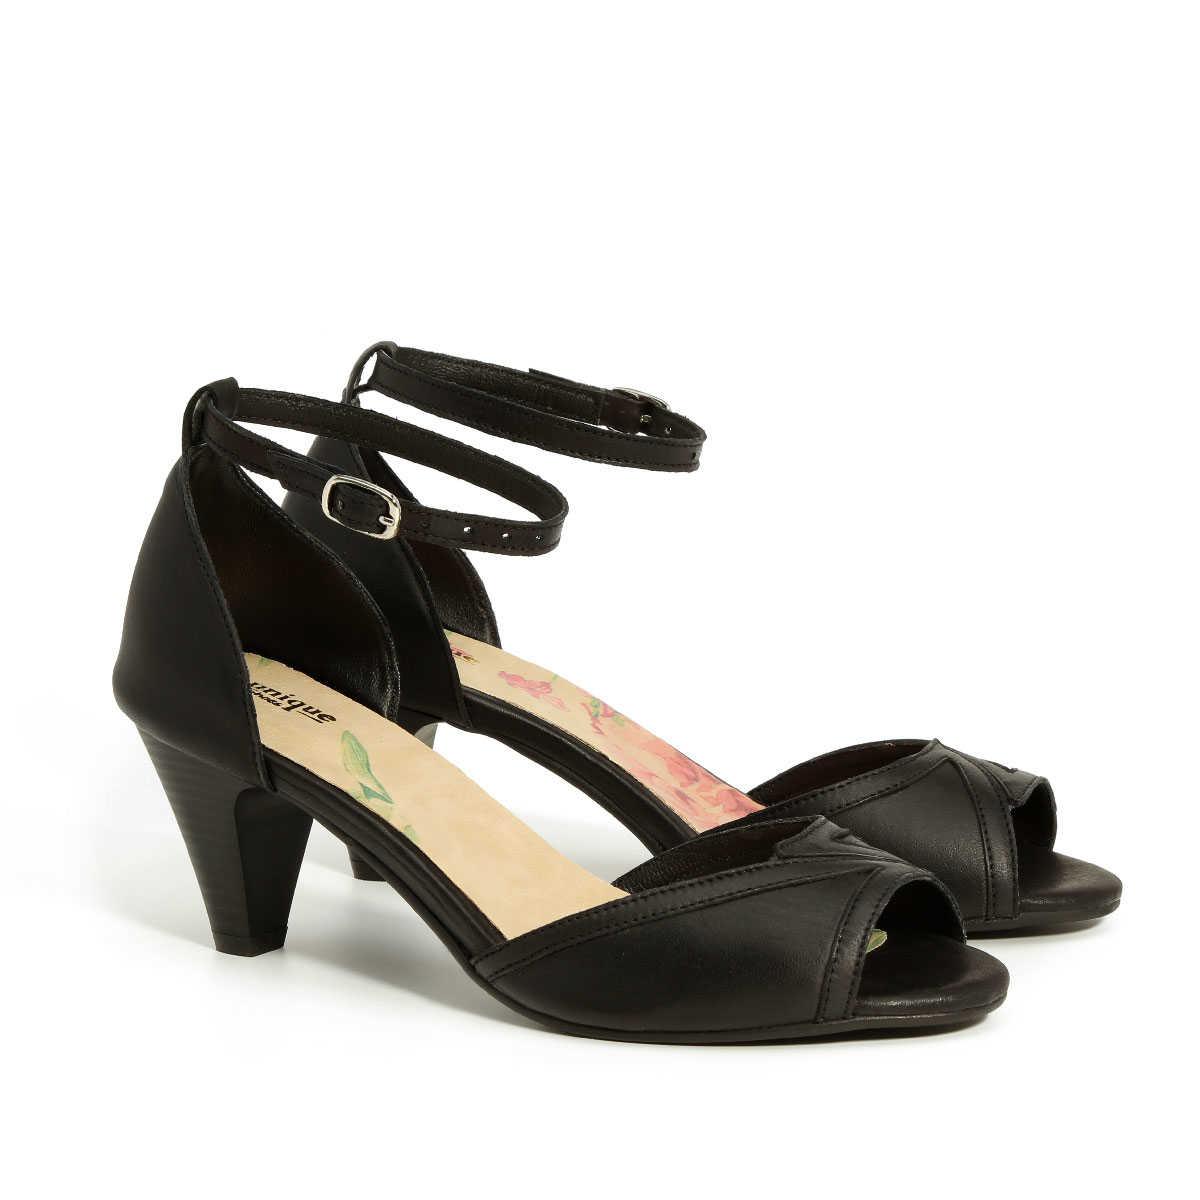 בלעדי לאתר - דגם אושרת: נעלי עקב בצבע שחור